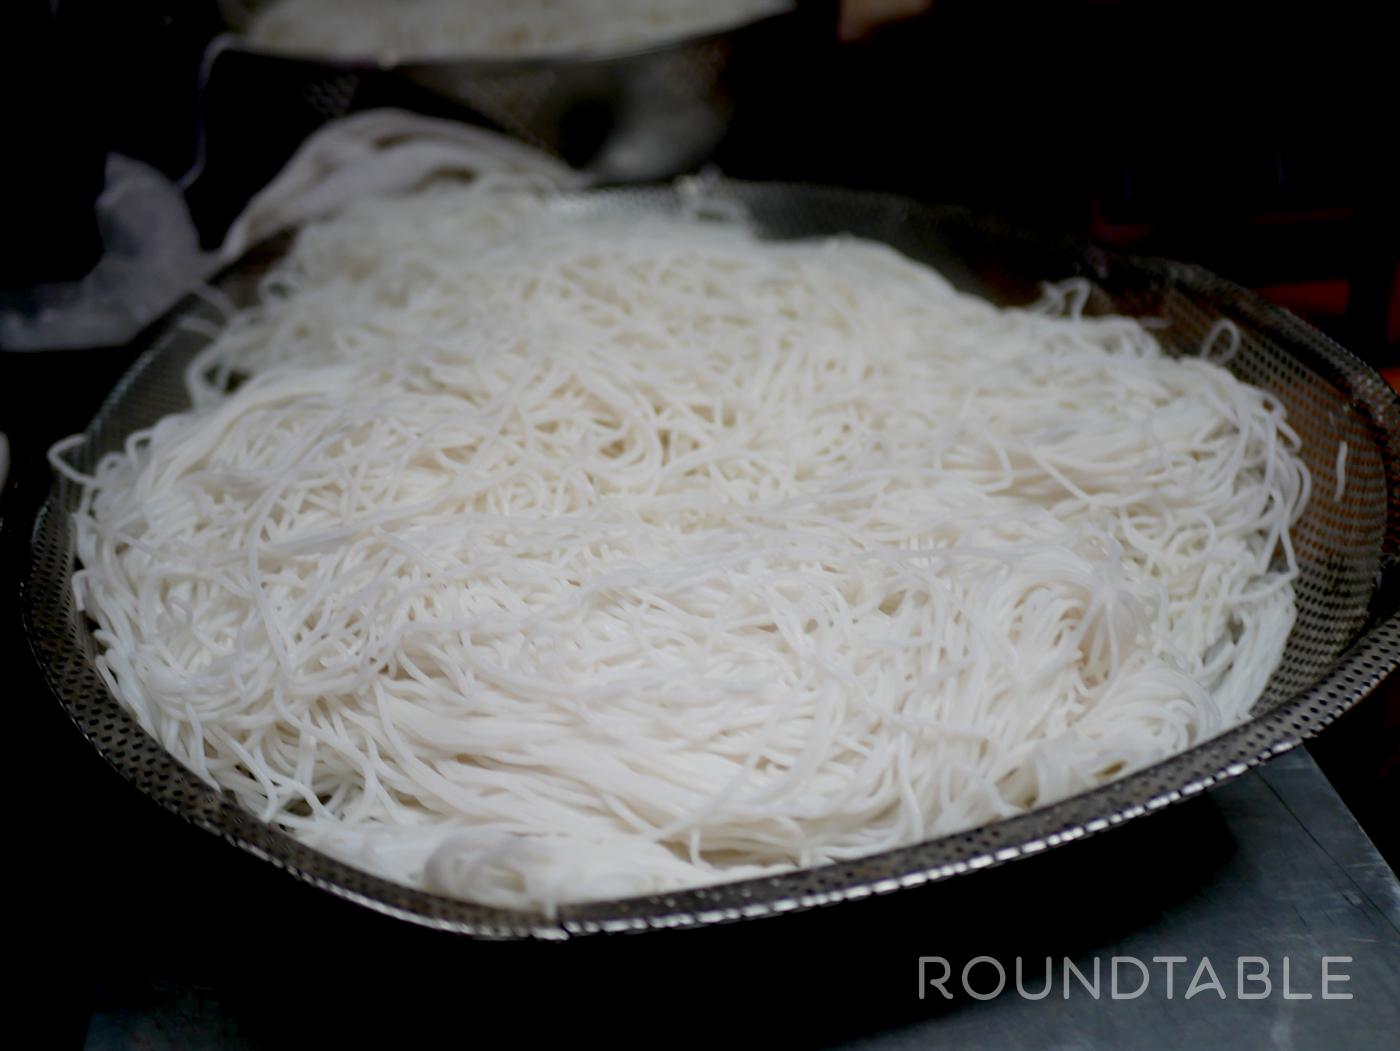 断面の丸い米粉。太さはさまざまだが、冷麦よりちょっと太いのをよく見るかもしれない。